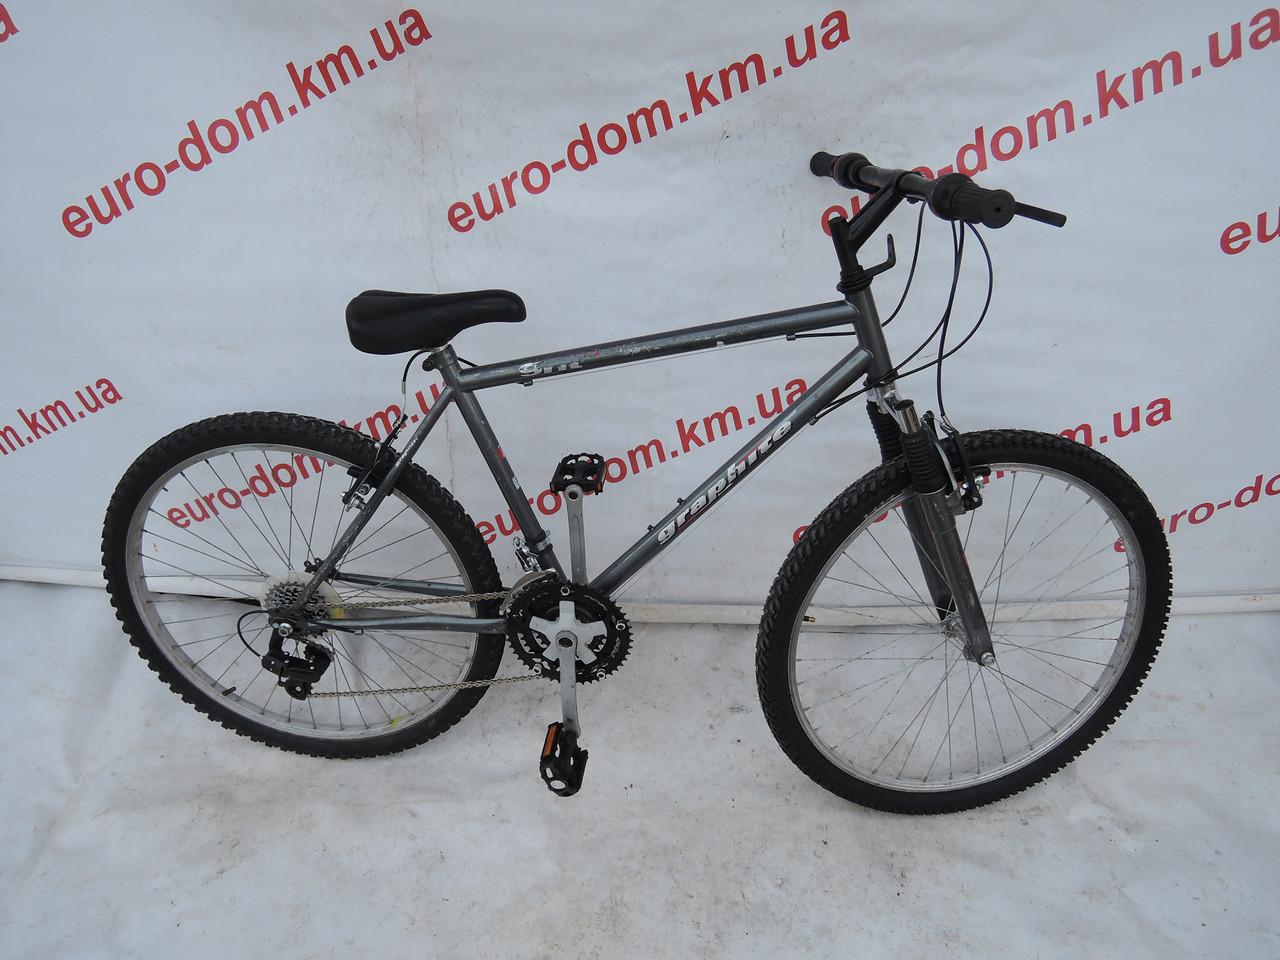 Горный велосипед Graphite 26 колеса 21 скорость